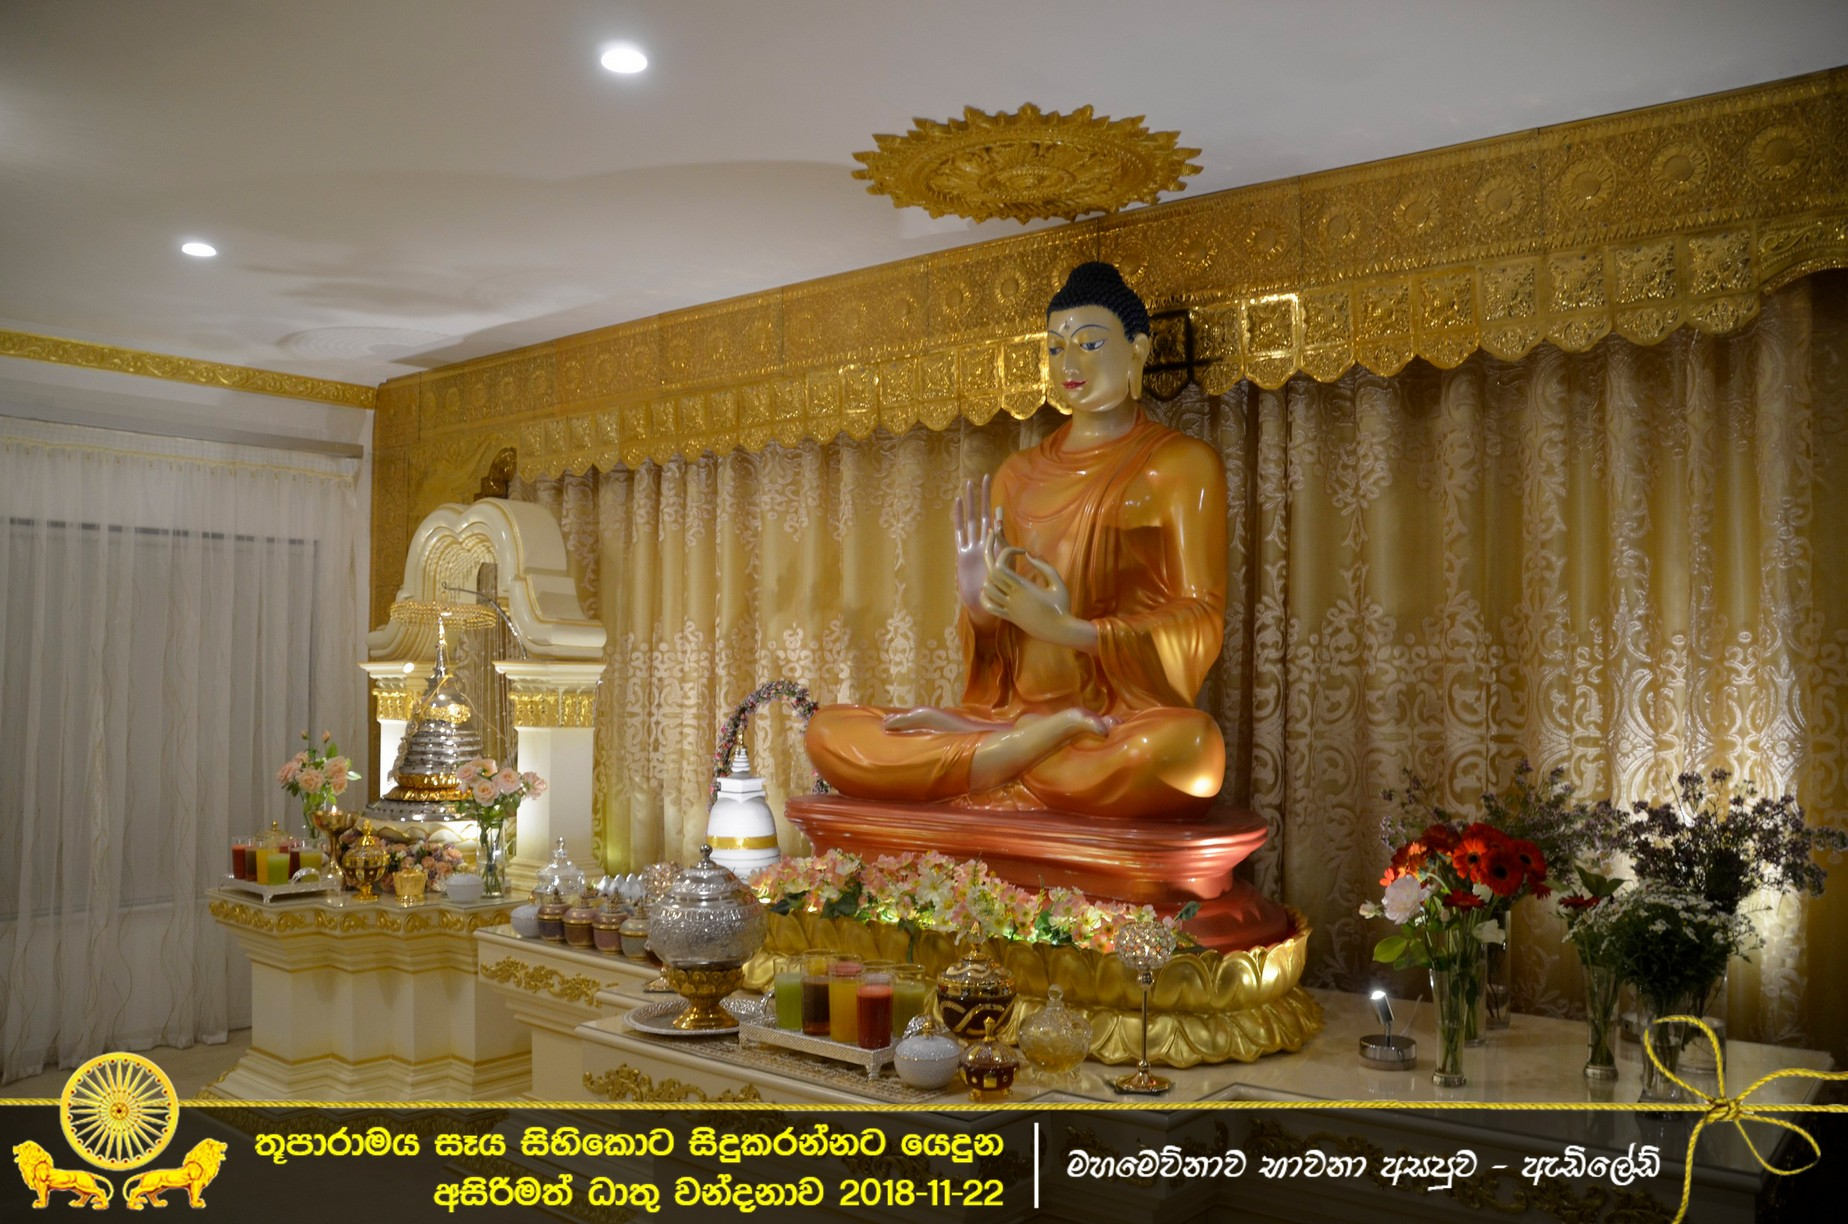 Thuparama061